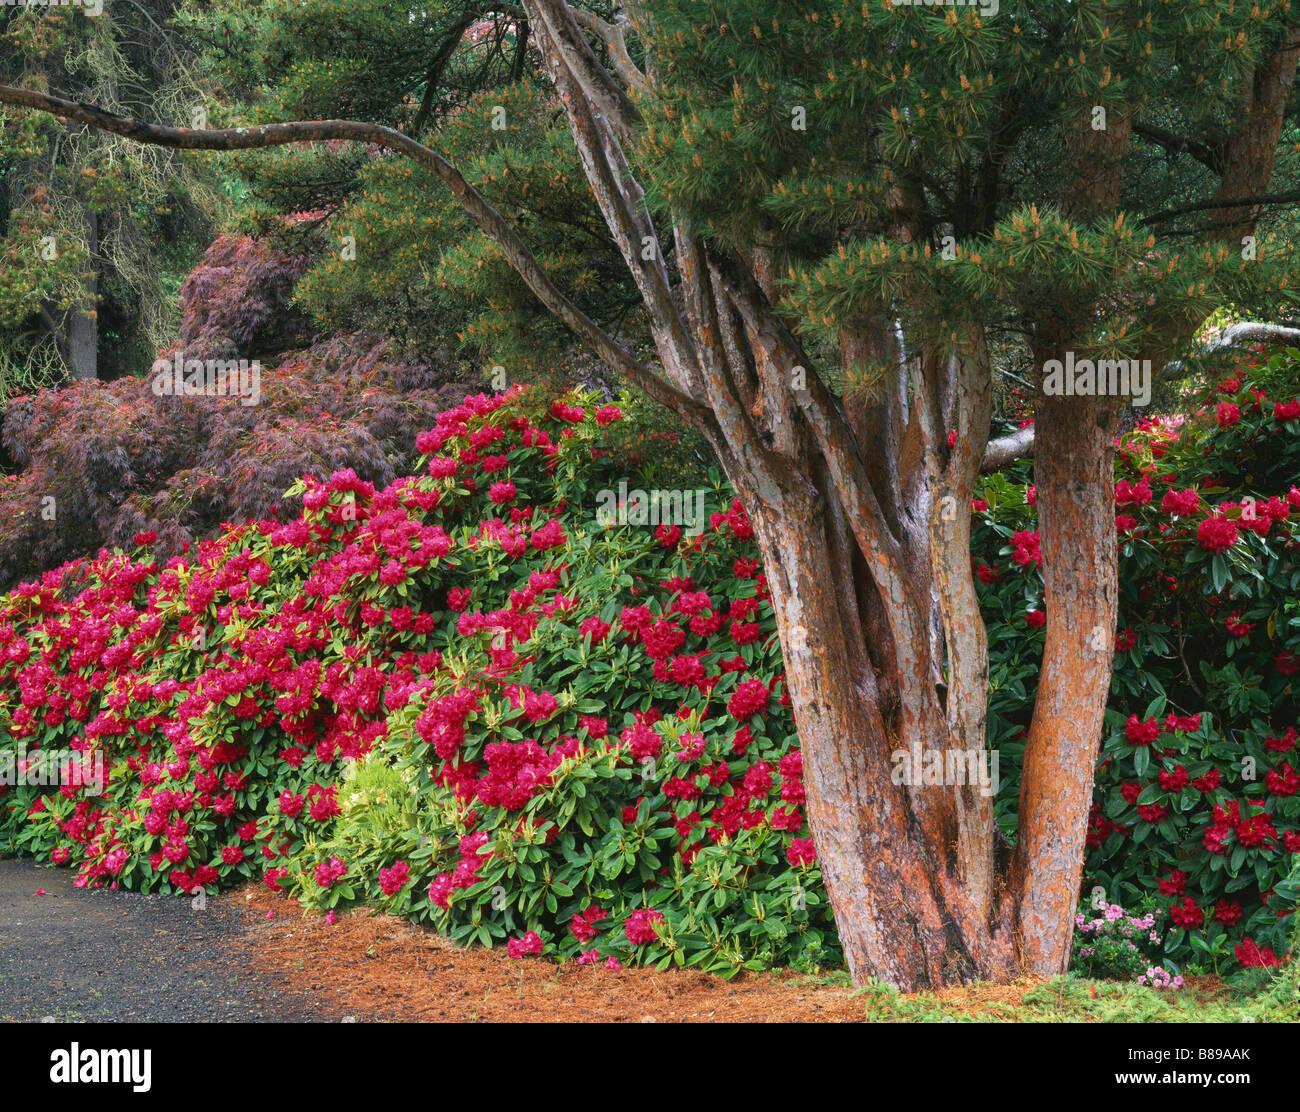 kubota garten seattle wa bl henden rhododendren und rote japanische ahorn baldachin masse unter. Black Bedroom Furniture Sets. Home Design Ideas